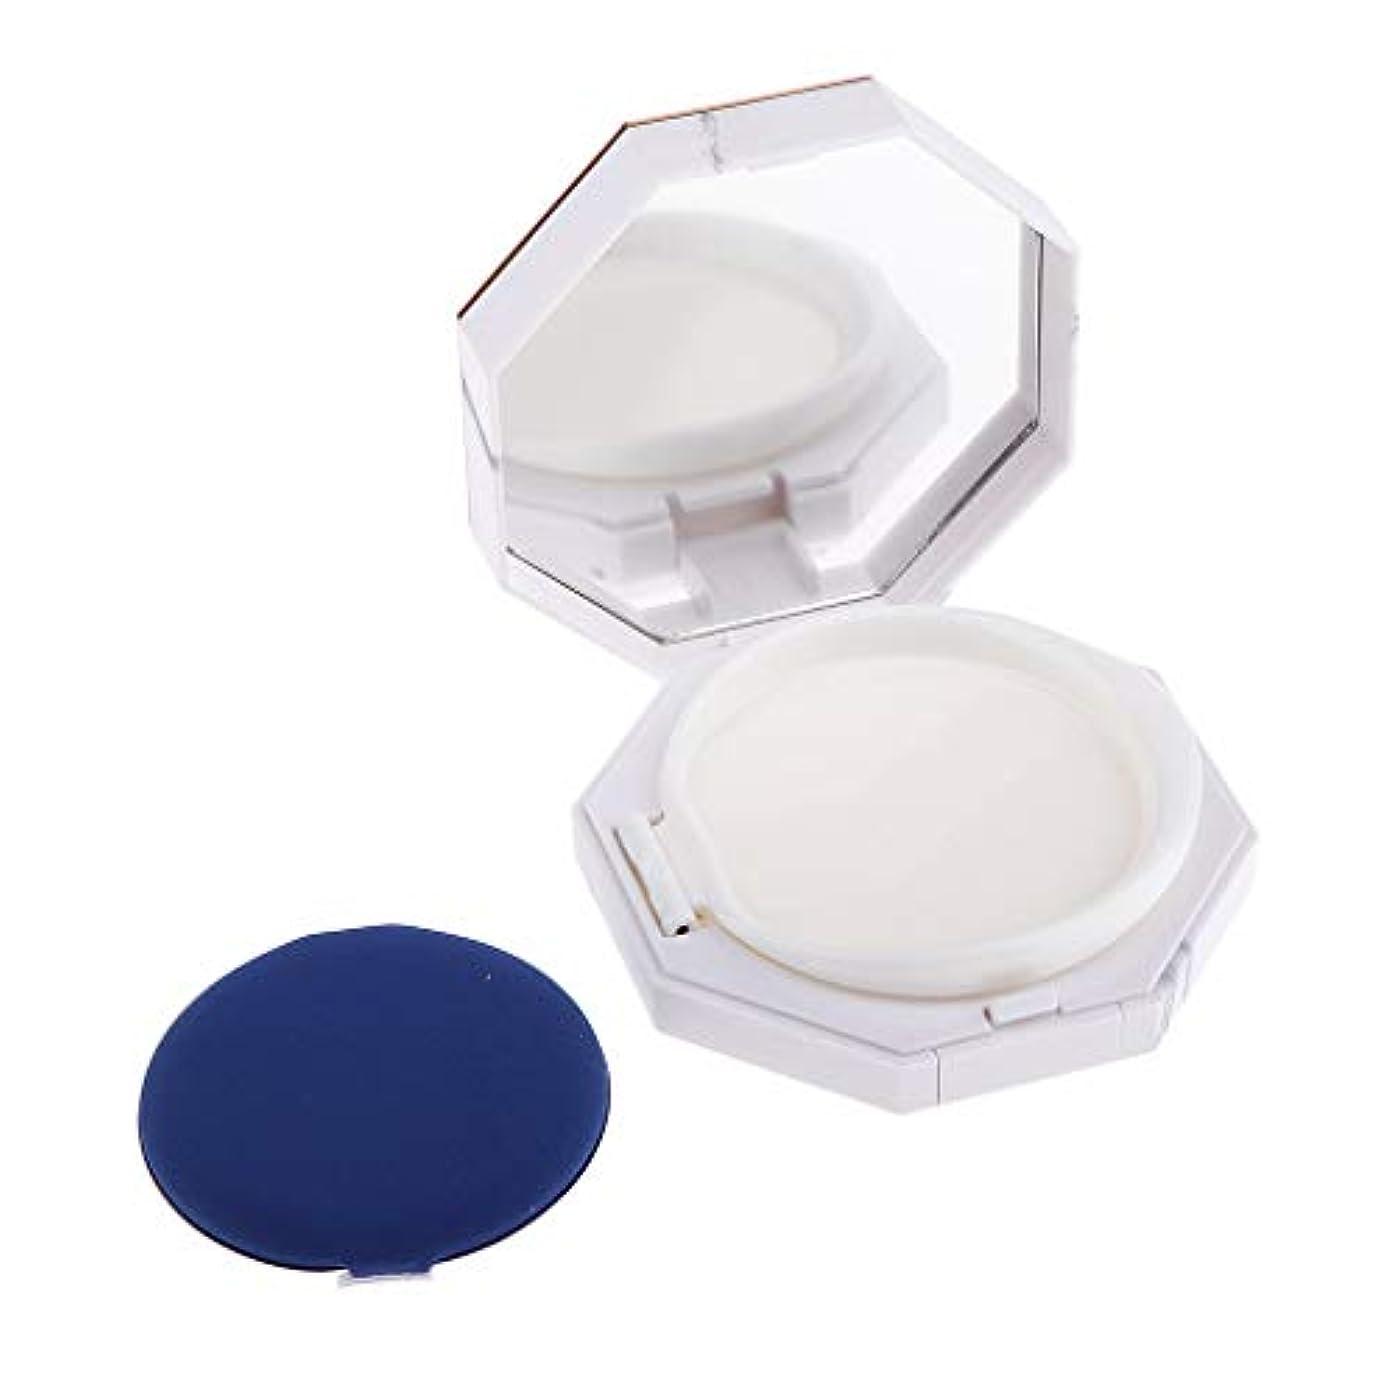 ポータルビタミン盲信CUTICATE 全2サイズ パウダーコンテナ メイクアップケース ミラー パフ付き - 高さ28 mm